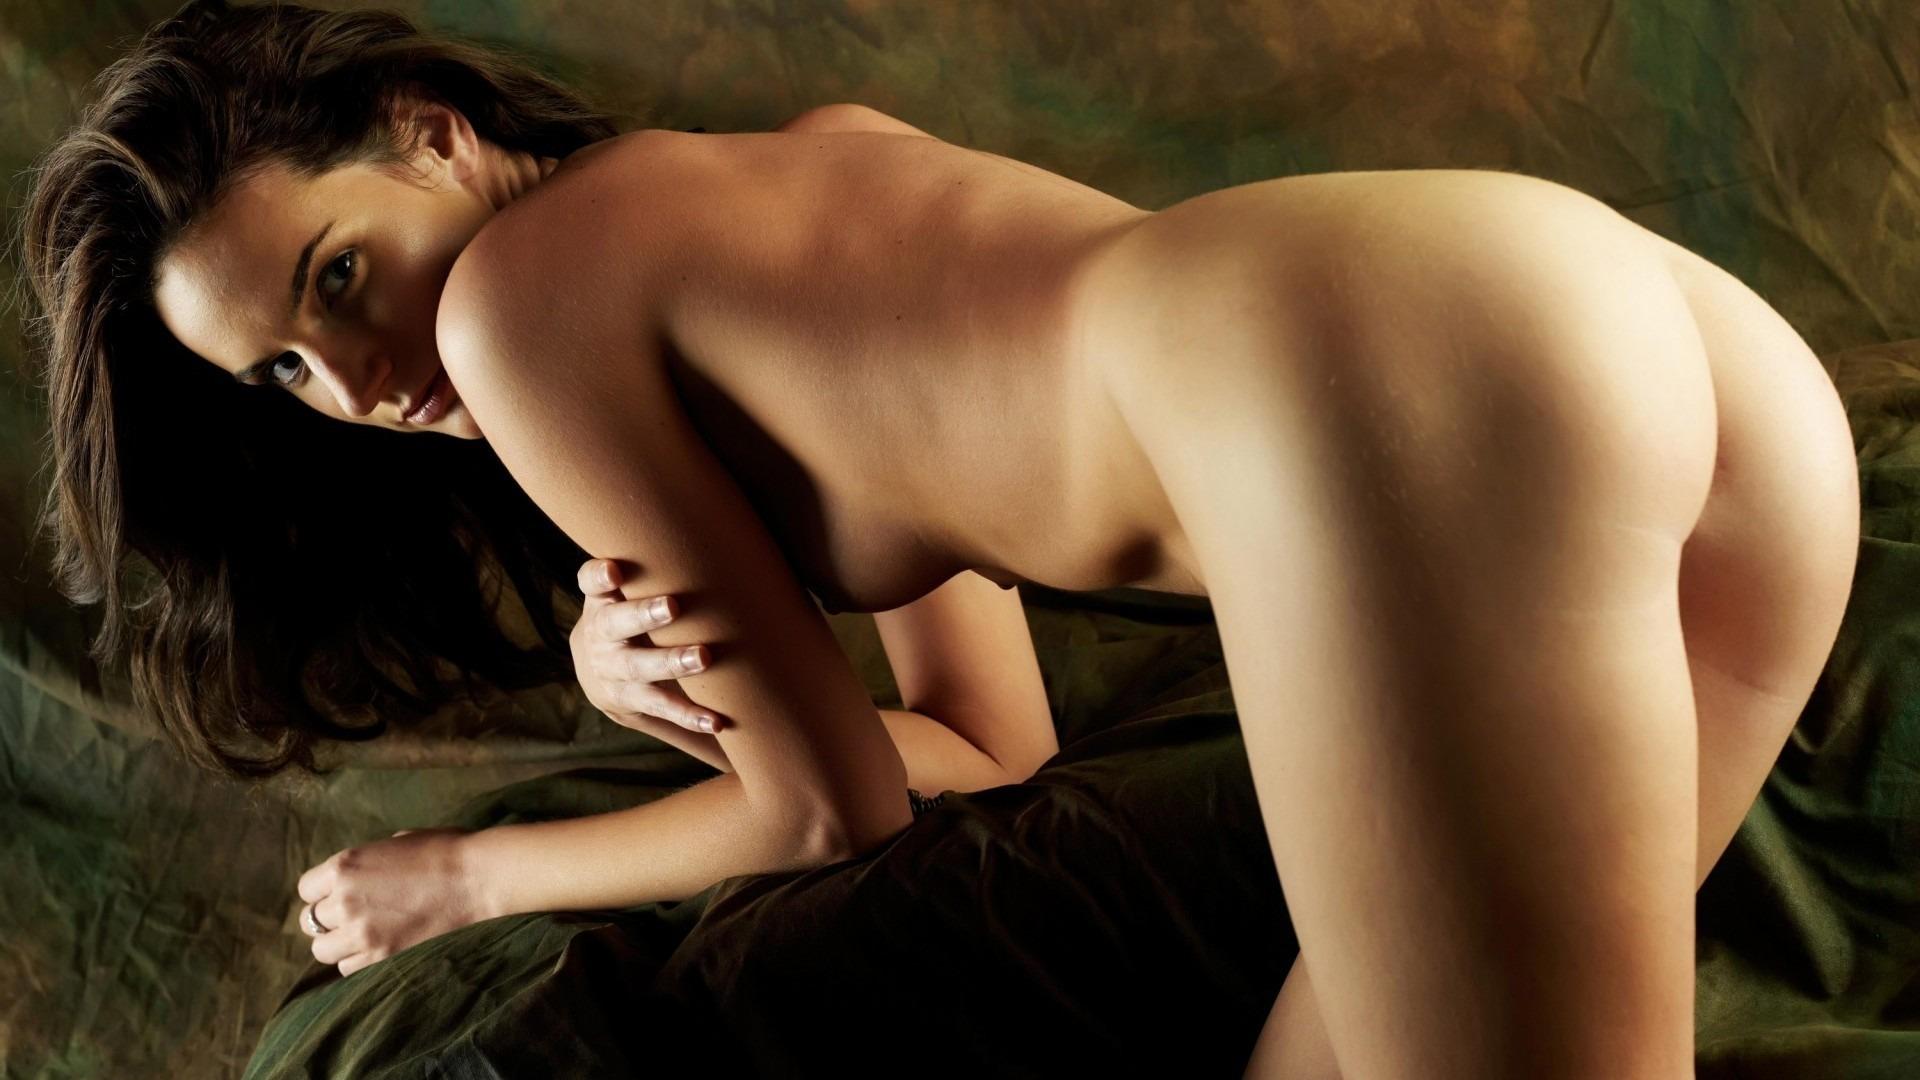 Телки в эротических позах, Красивые и откровенные тёлочки позируют дома 18 фотография